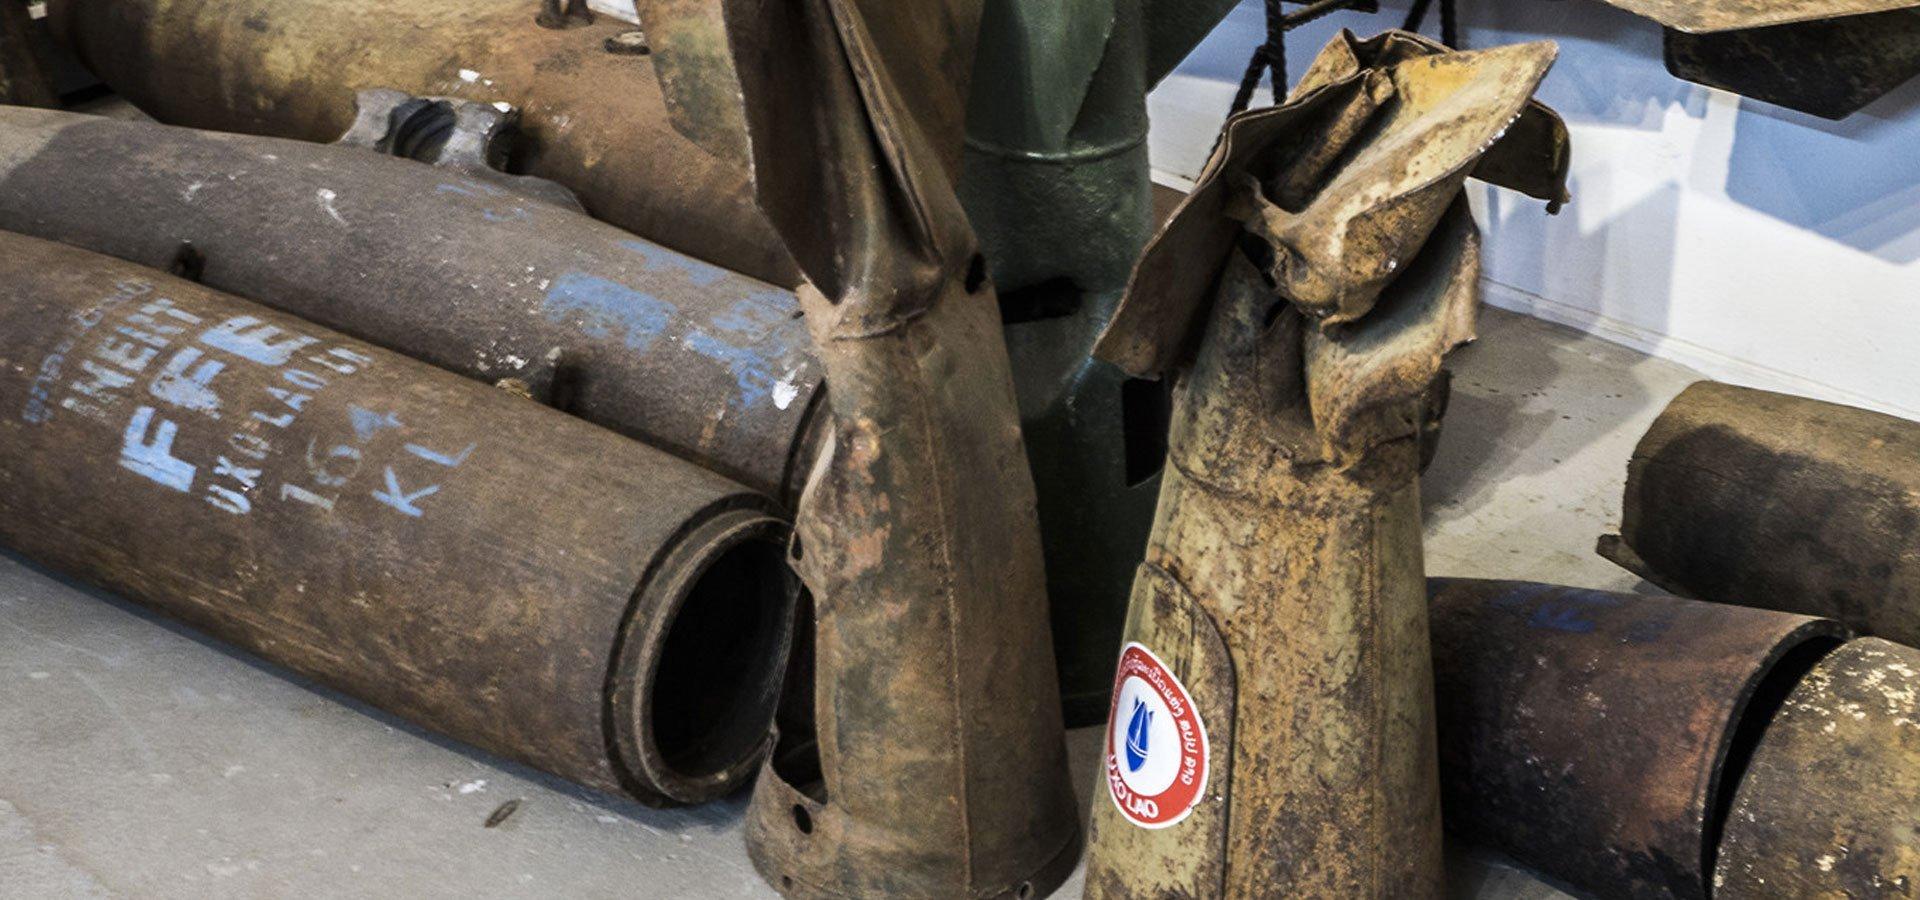 No War Factory, riciclo bombe gioielli